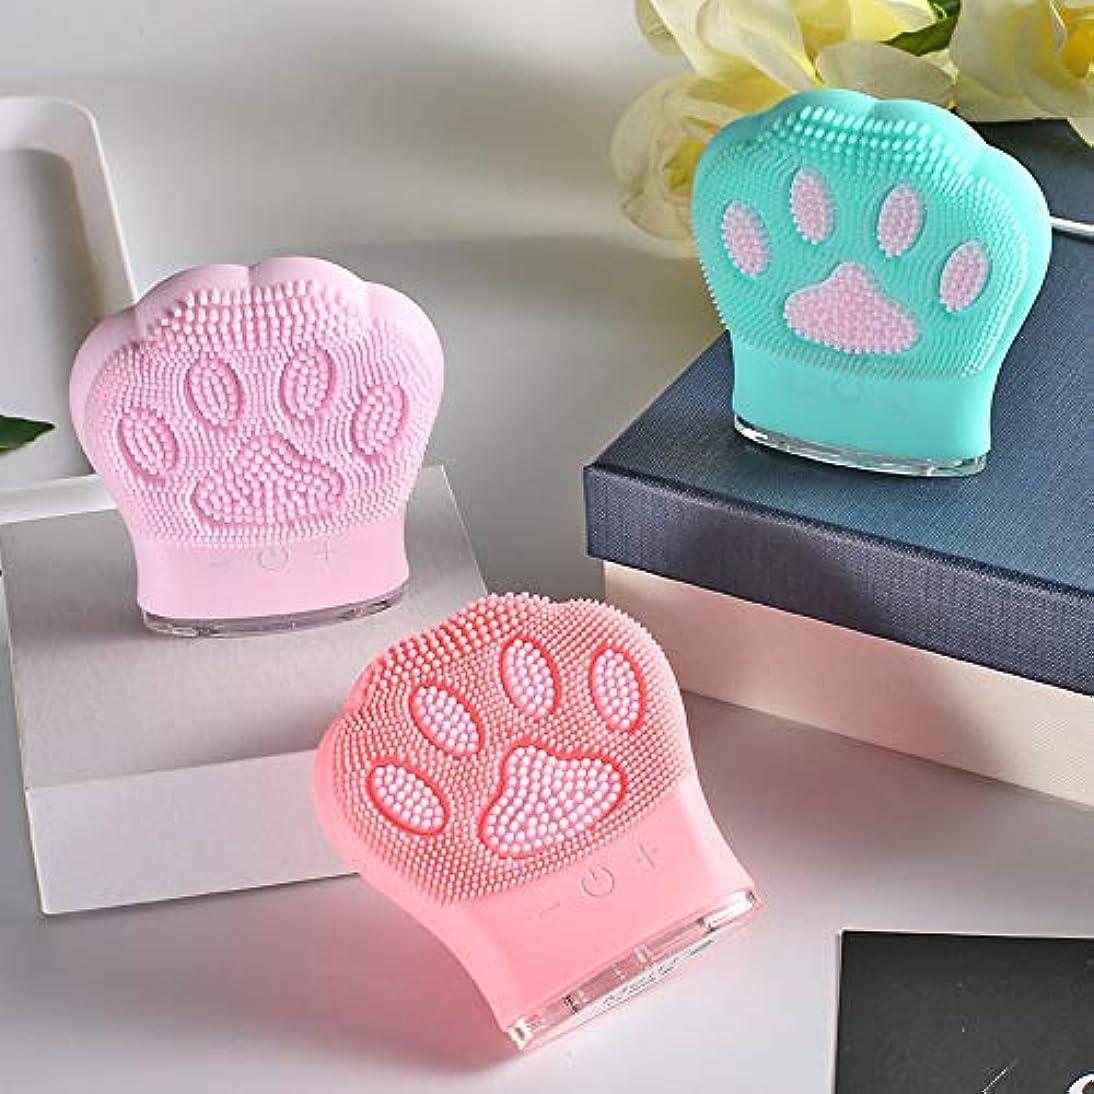 ZXF 新しい猫の爪形状シリコーンクレンジング楽器超音波充電洗顔器具ガールフレンド小さなギフト洗浄ブラシピンク赤青セクション 滑らかである (色 : Pink)